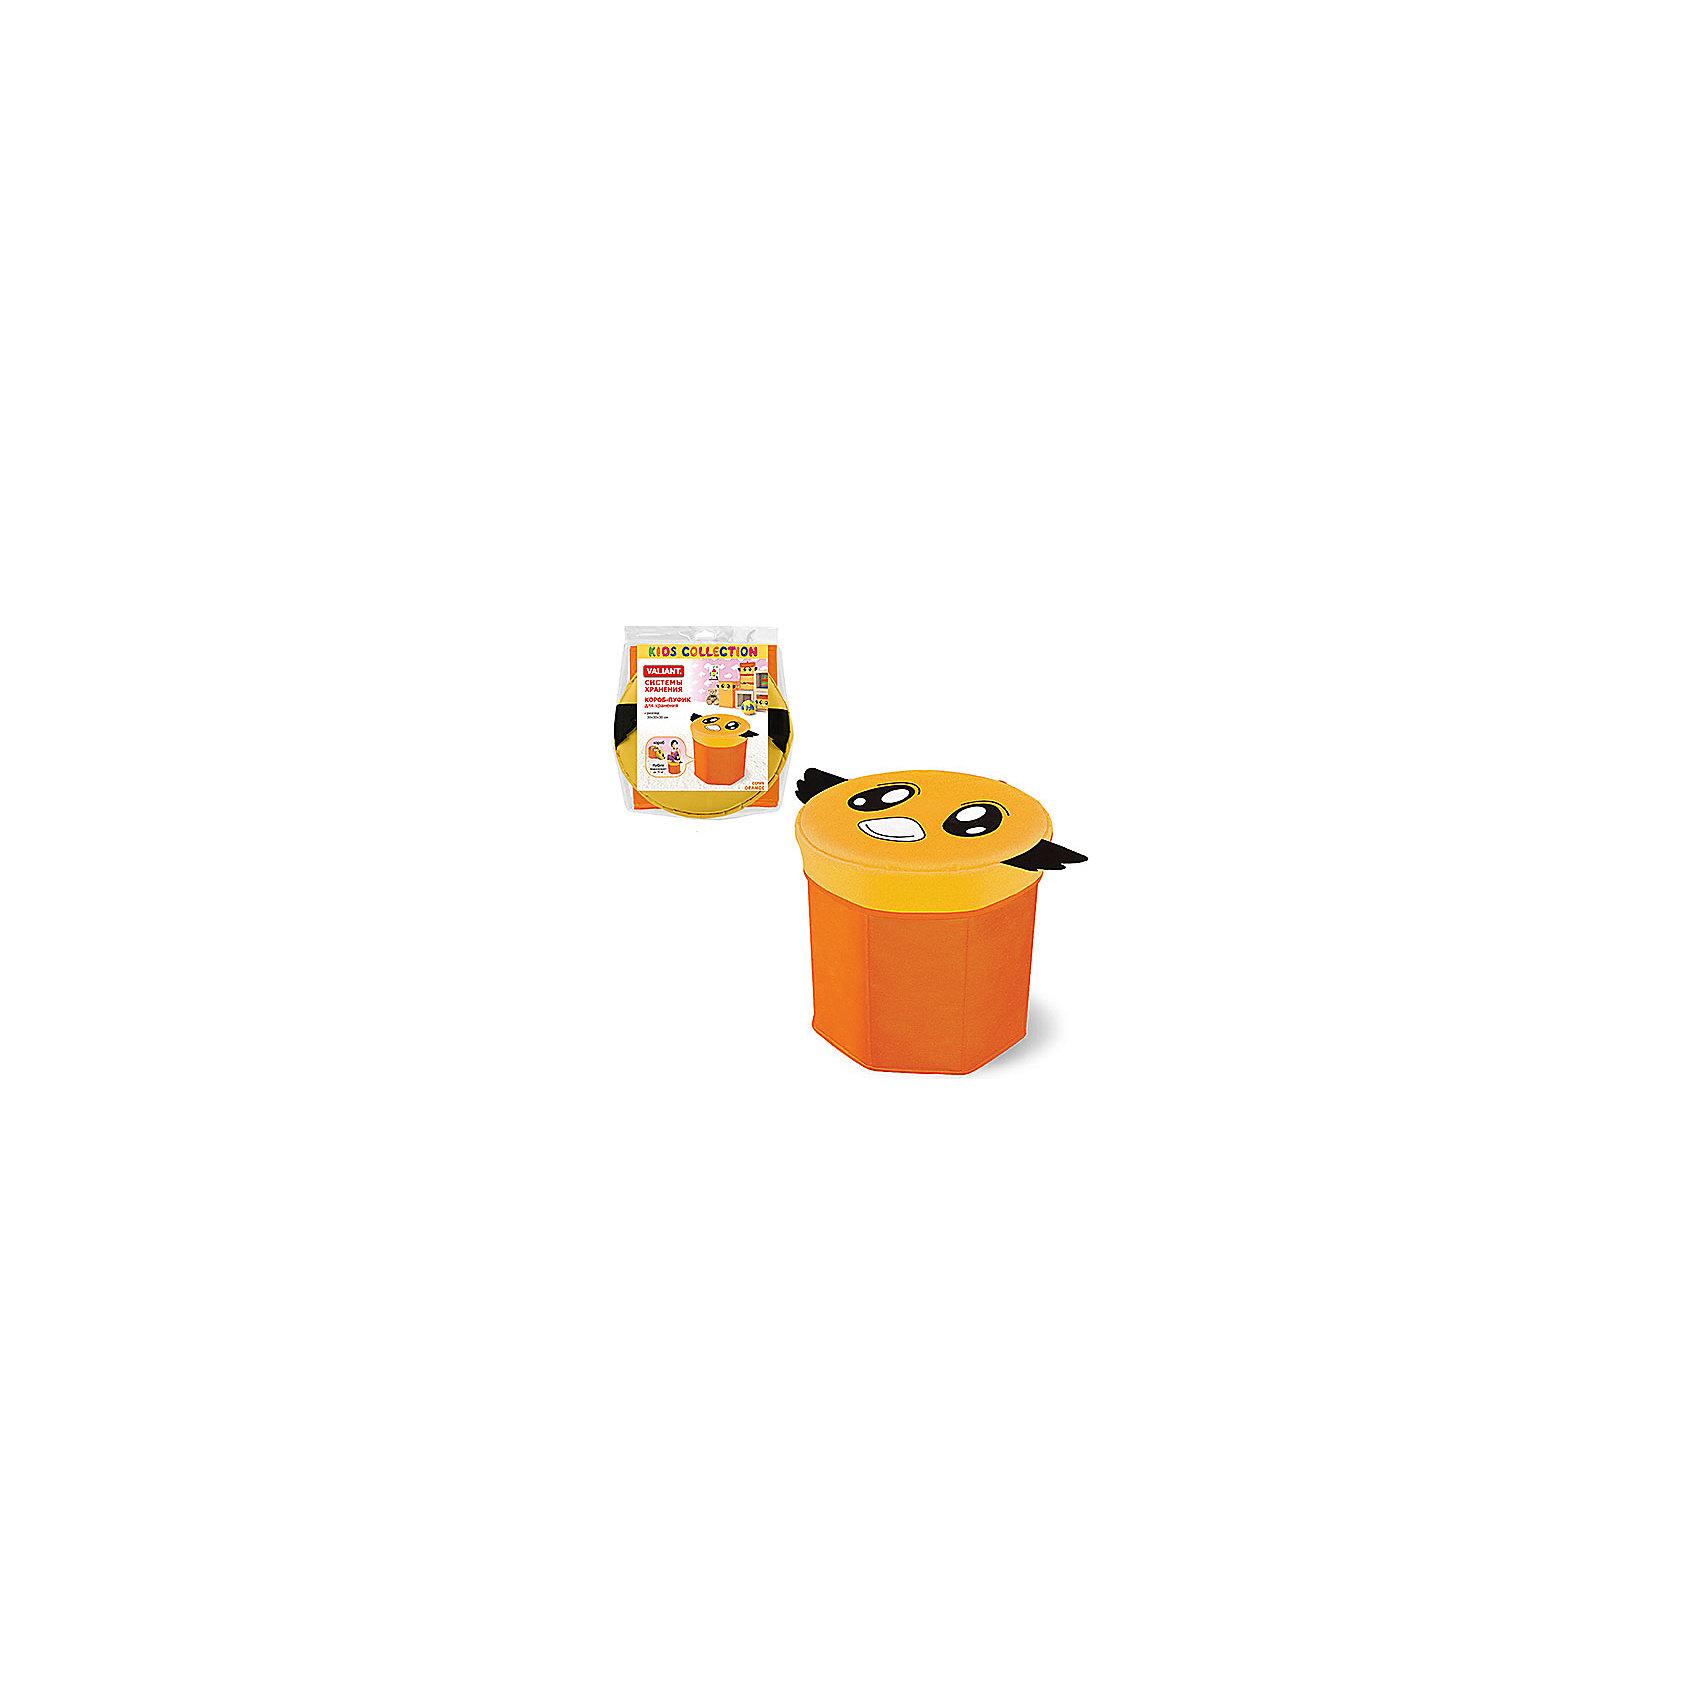 Оранжевый короб-пуф для хранения 30*30*30 смОранжевый короб-пуф для хранения 30*30*30 см. украсит Ваш интерьер, а также поможет Вам содержать детскую комнату в идеальном порядке. Изделие изготовлено из качественного нетканого материала. Материал не пропускает пыль, но при этом позволяет воздуху свободно проникать внутрь, обеспечивая естественную вентиляцию.<br>Защищает вещи от моли. Короб легок, удобен и не образует складок. Его особая конструкция позволяет при необходимости одним движением сложить или разложить конструкцию. Стирка изделия запрещена. Рекомендуется сухая чистка.<br><br>Дополнительная информация:<br><br>- размер упаковки: 31 *31* 5 см.<br>- диаметр: 30 см.<br>- вес в упаковке: 1030 гр.<br>- цвет: оранжевый<br>- материал: полиэстер<br><br>Оранжевый короб-пуф для хранения 30*30*30 см. можно купить в нашем интернет-магазине.<br><br>Ширина мм: 300<br>Глубина мм: 300<br>Высота мм: 300<br>Вес г: 1058<br>Возраст от месяцев: -2147483648<br>Возраст до месяцев: 2147483647<br>Пол: Унисекс<br>Возраст: Детский<br>SKU: 4563431